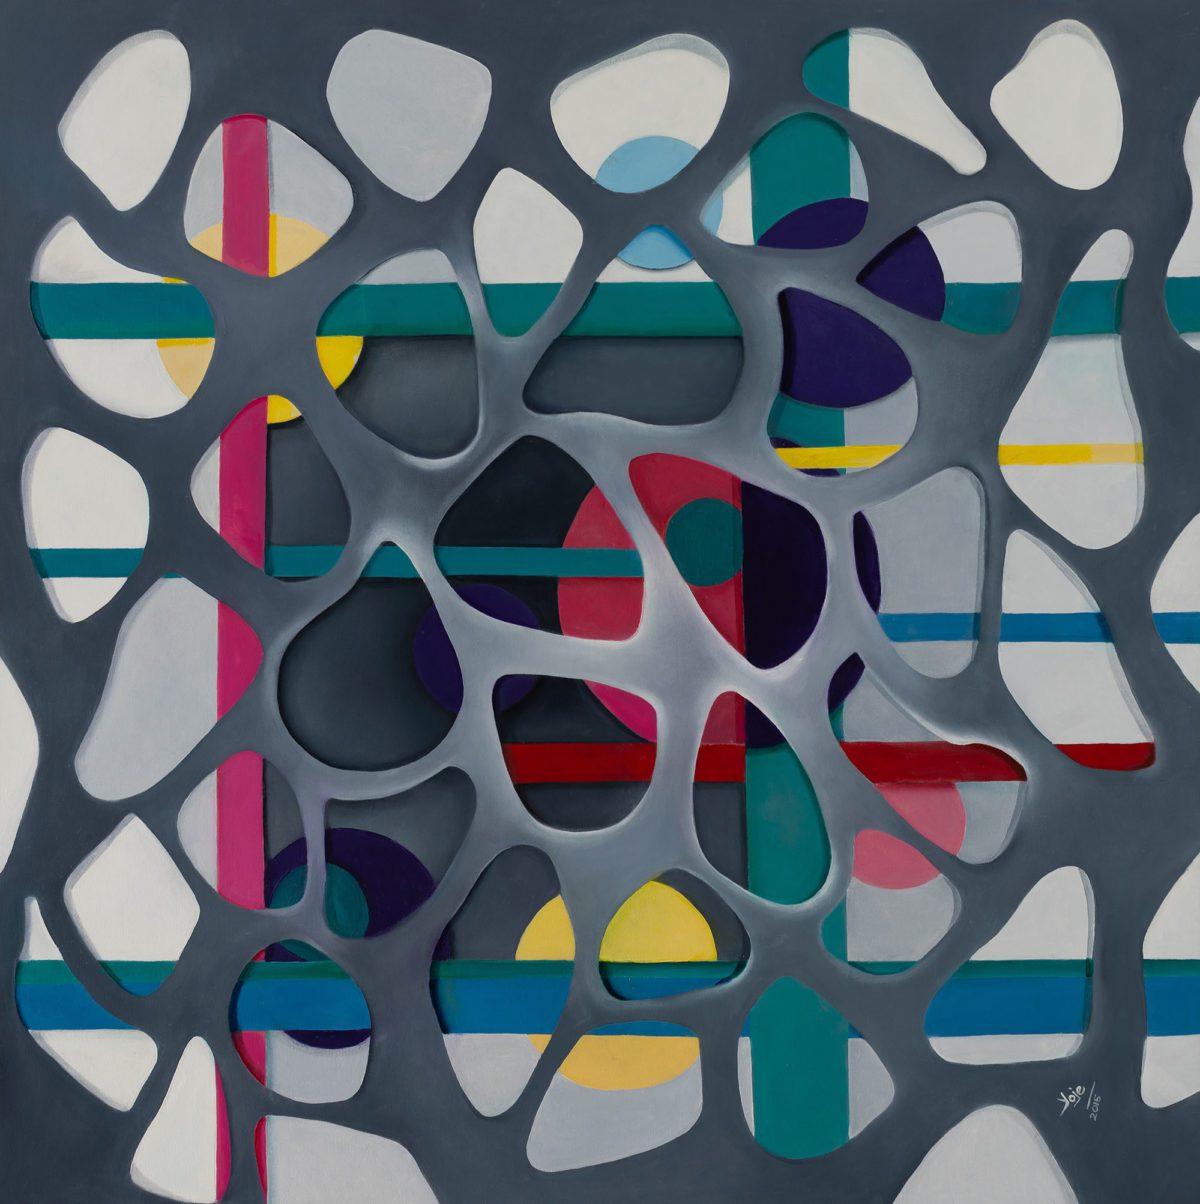 La sinestesia delle forme